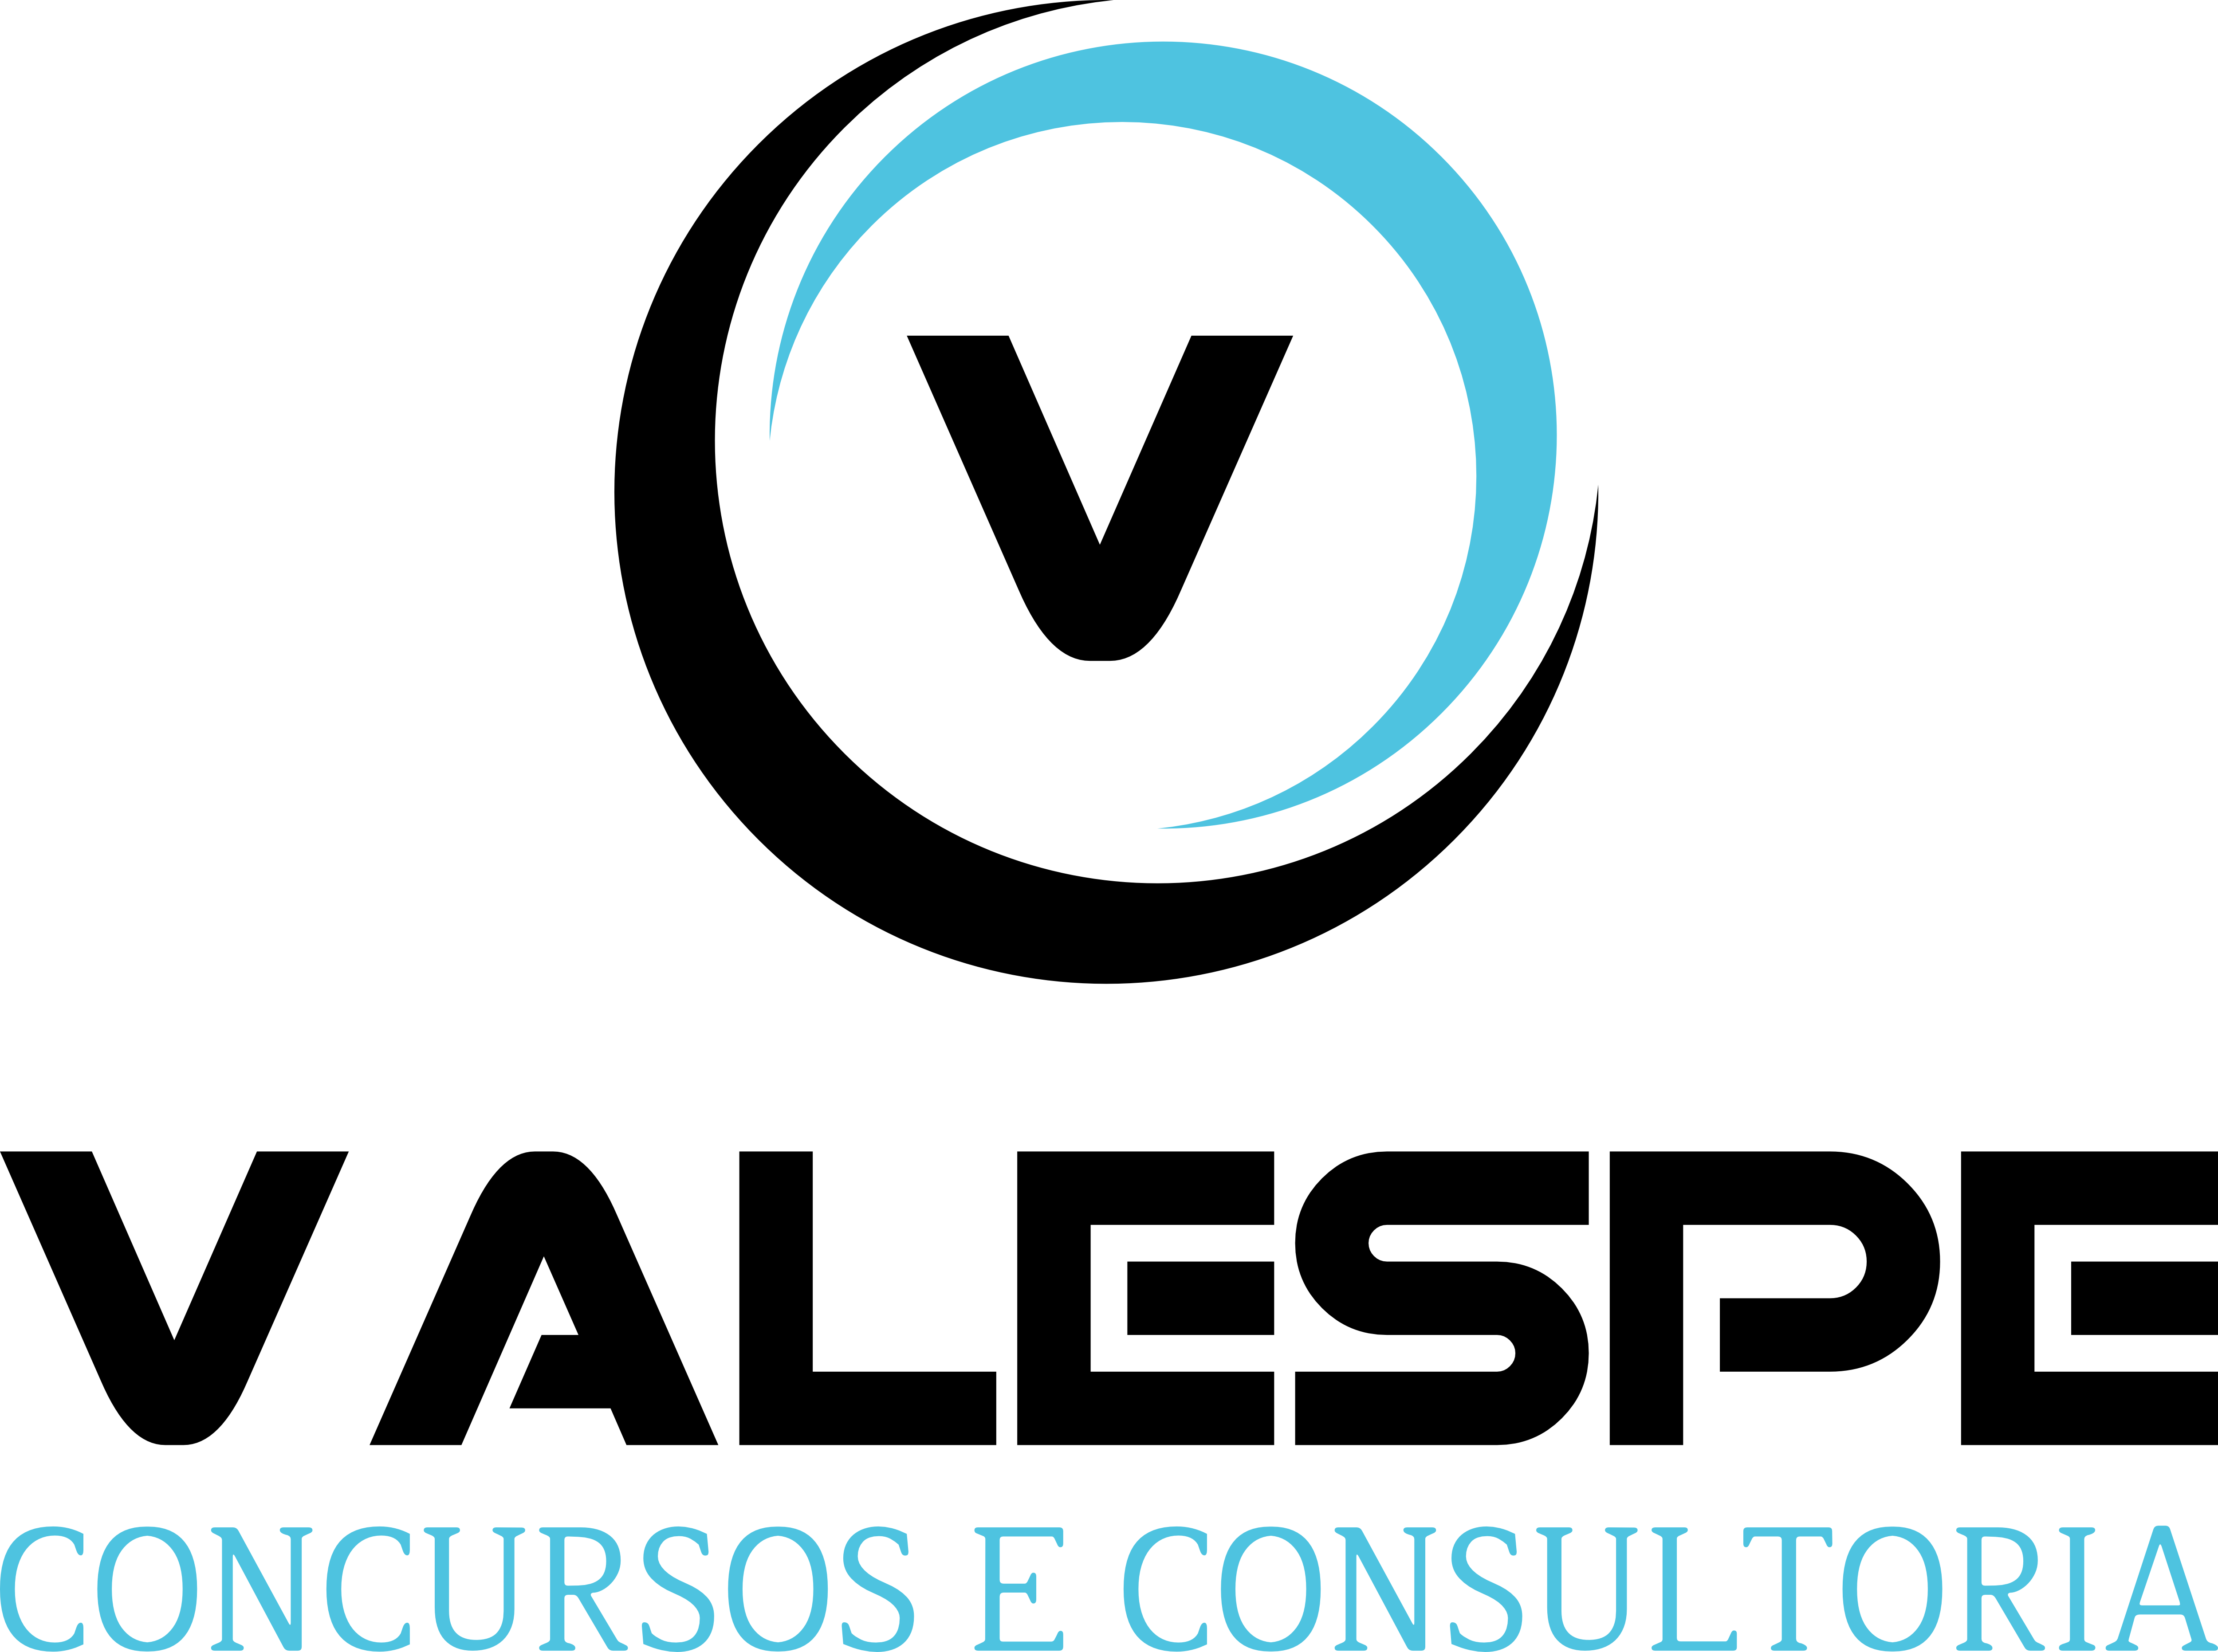 VALESP CONCURSOS